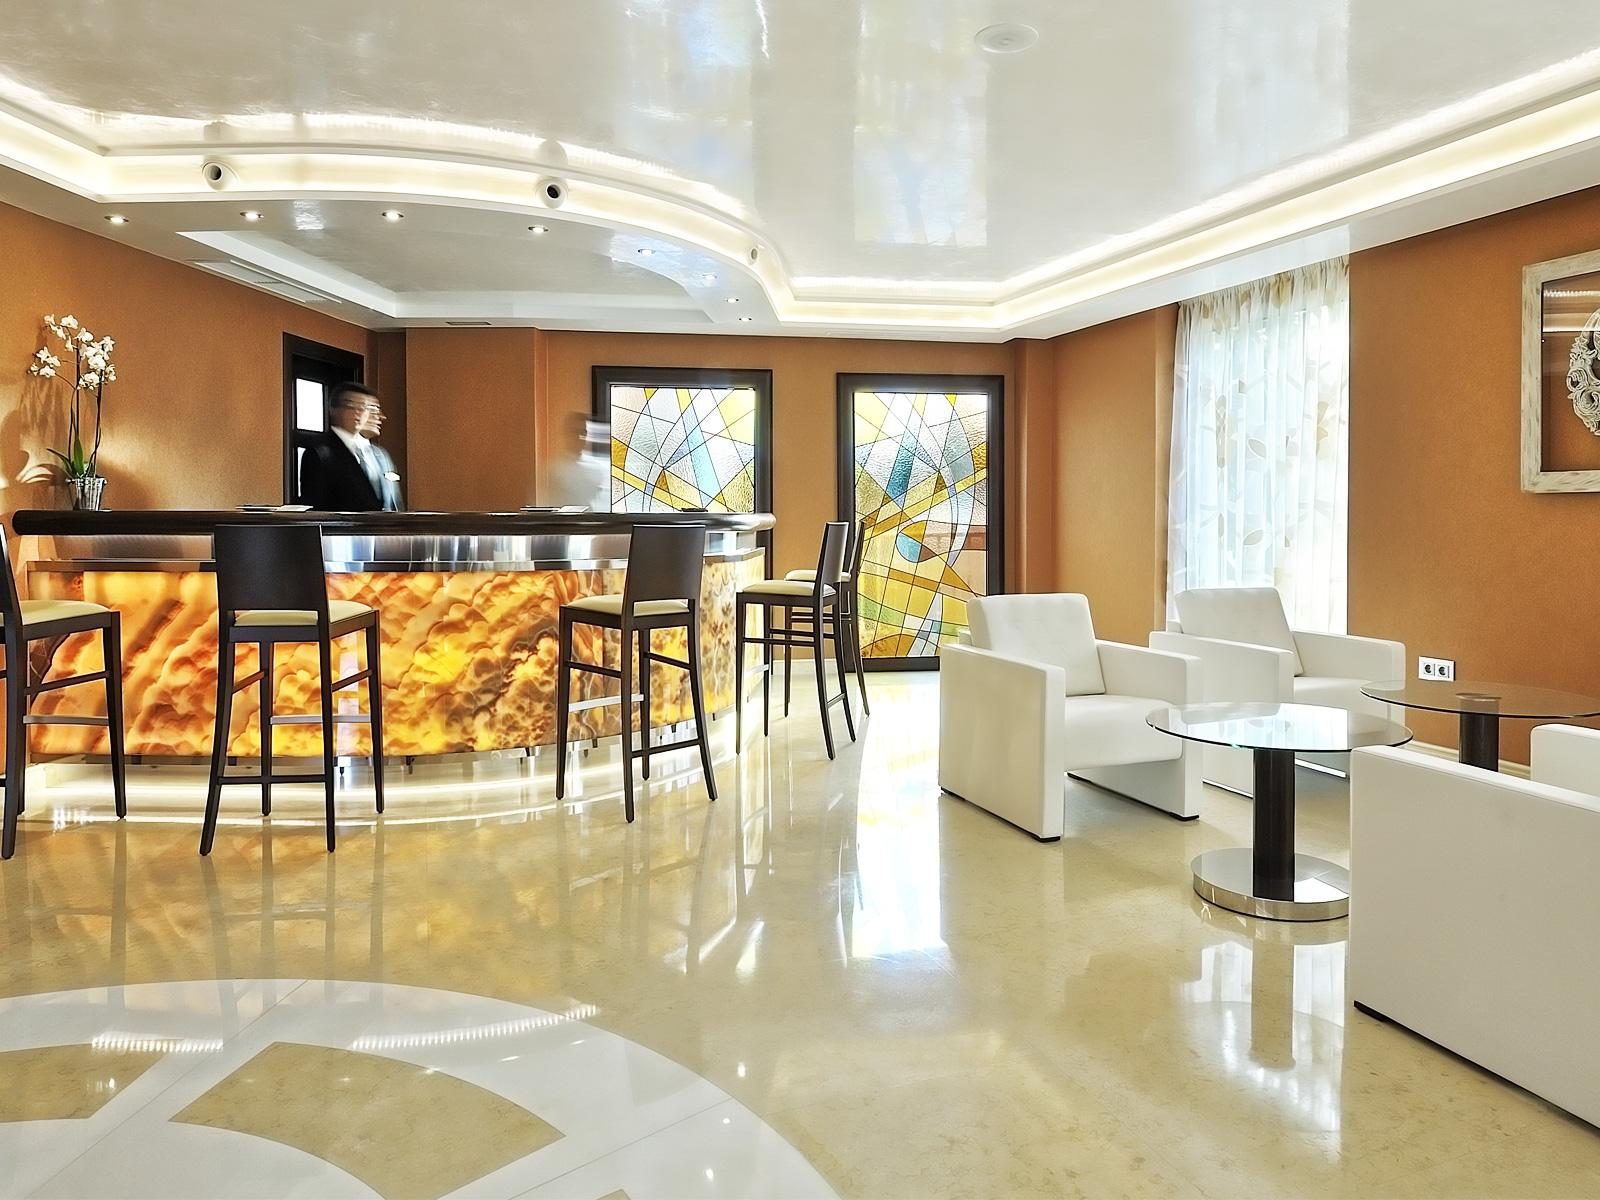 Interior-Vincci Aleysa Boutique&Spa 5* - Benalmádena - Málaga